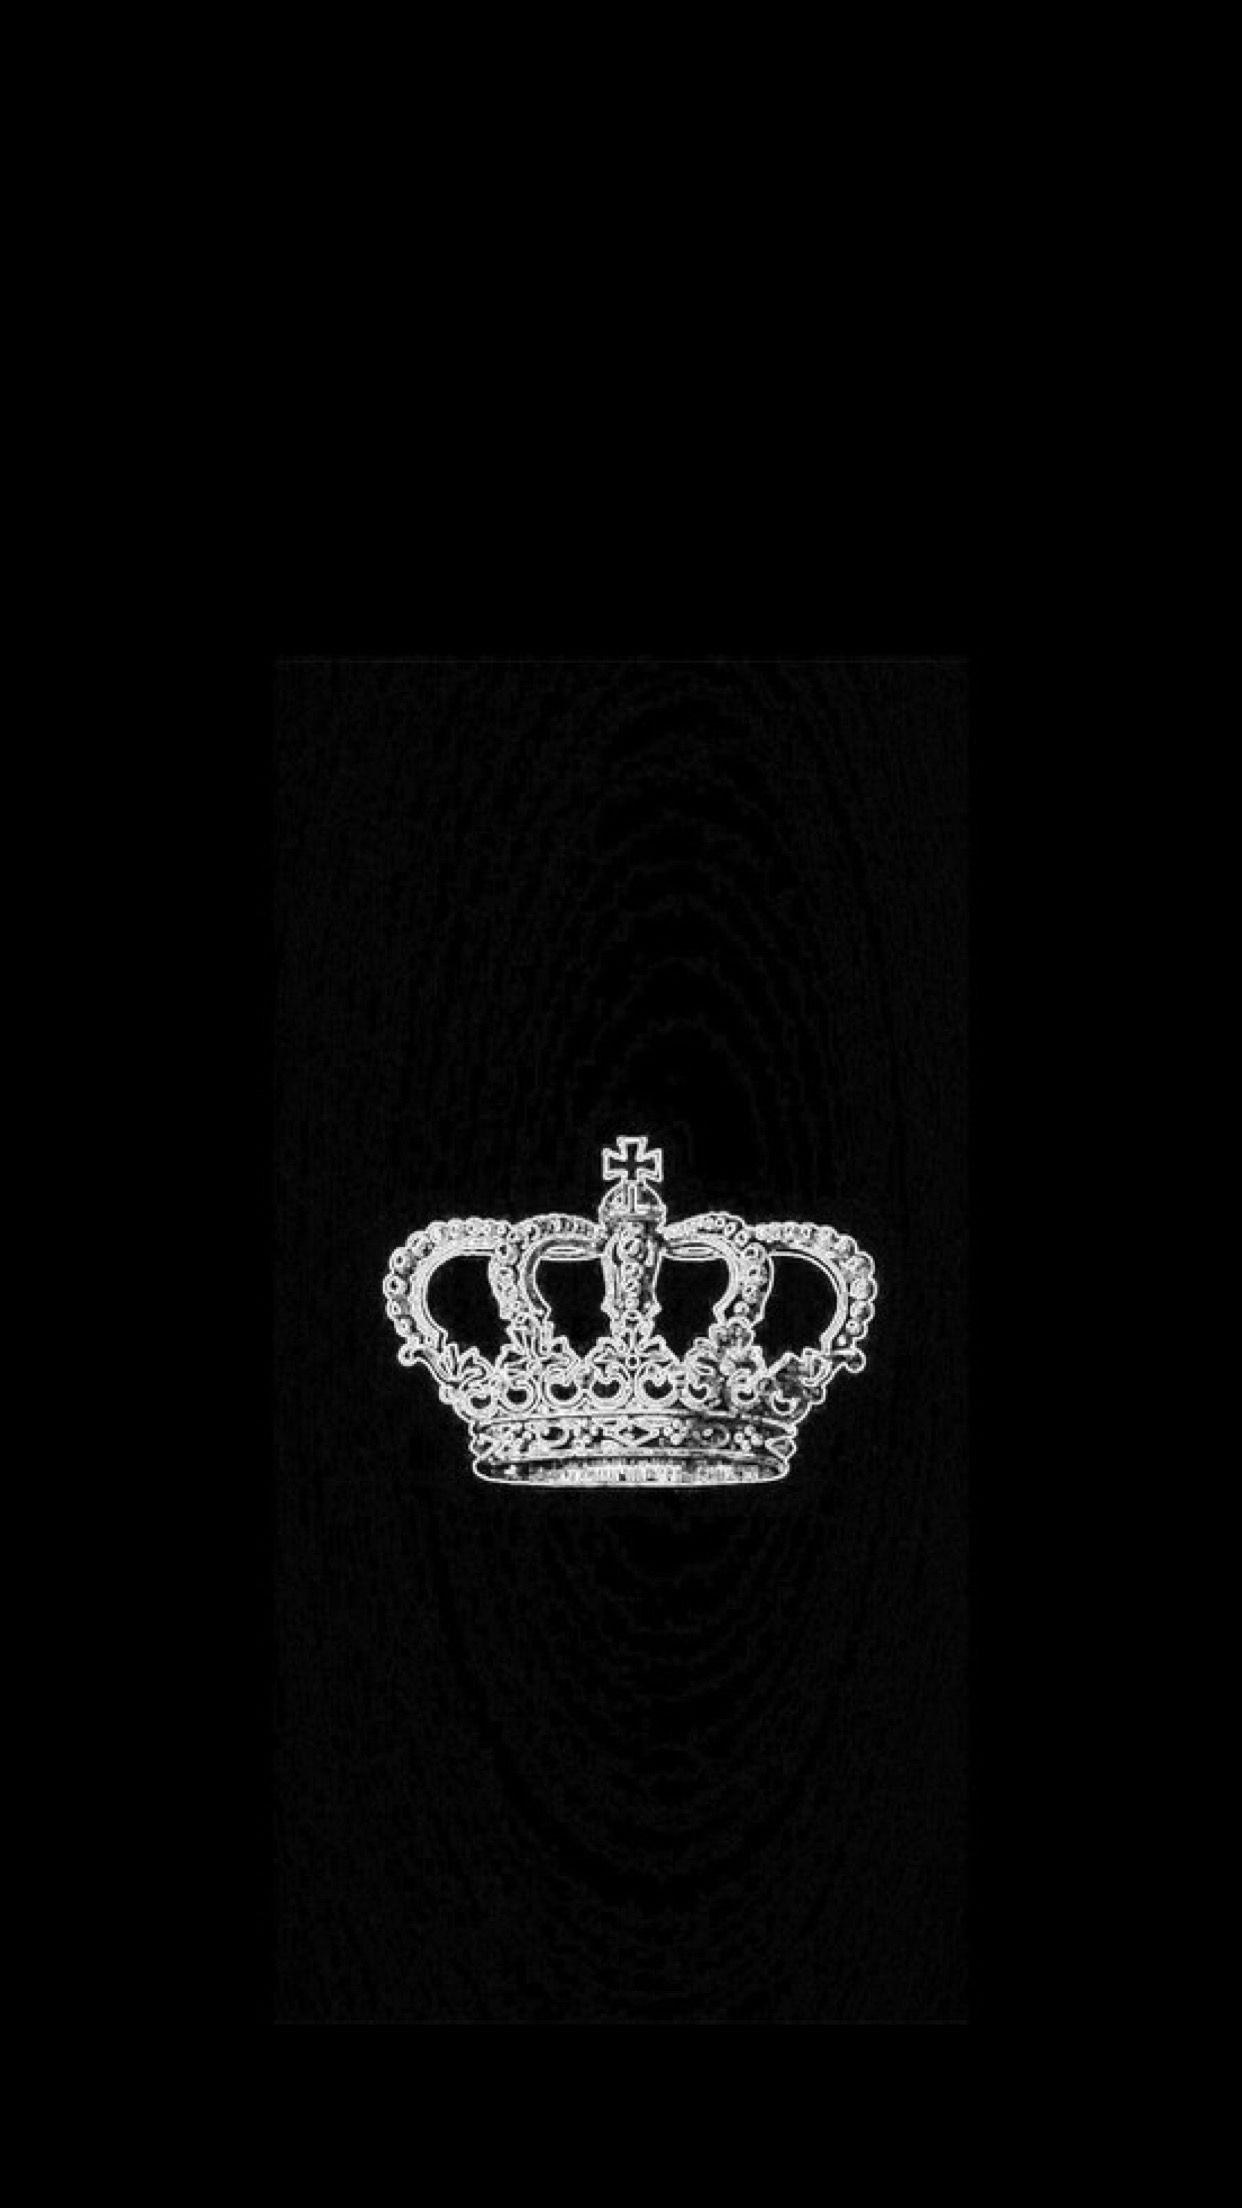 Black King Wallpapers on WallpaperDog